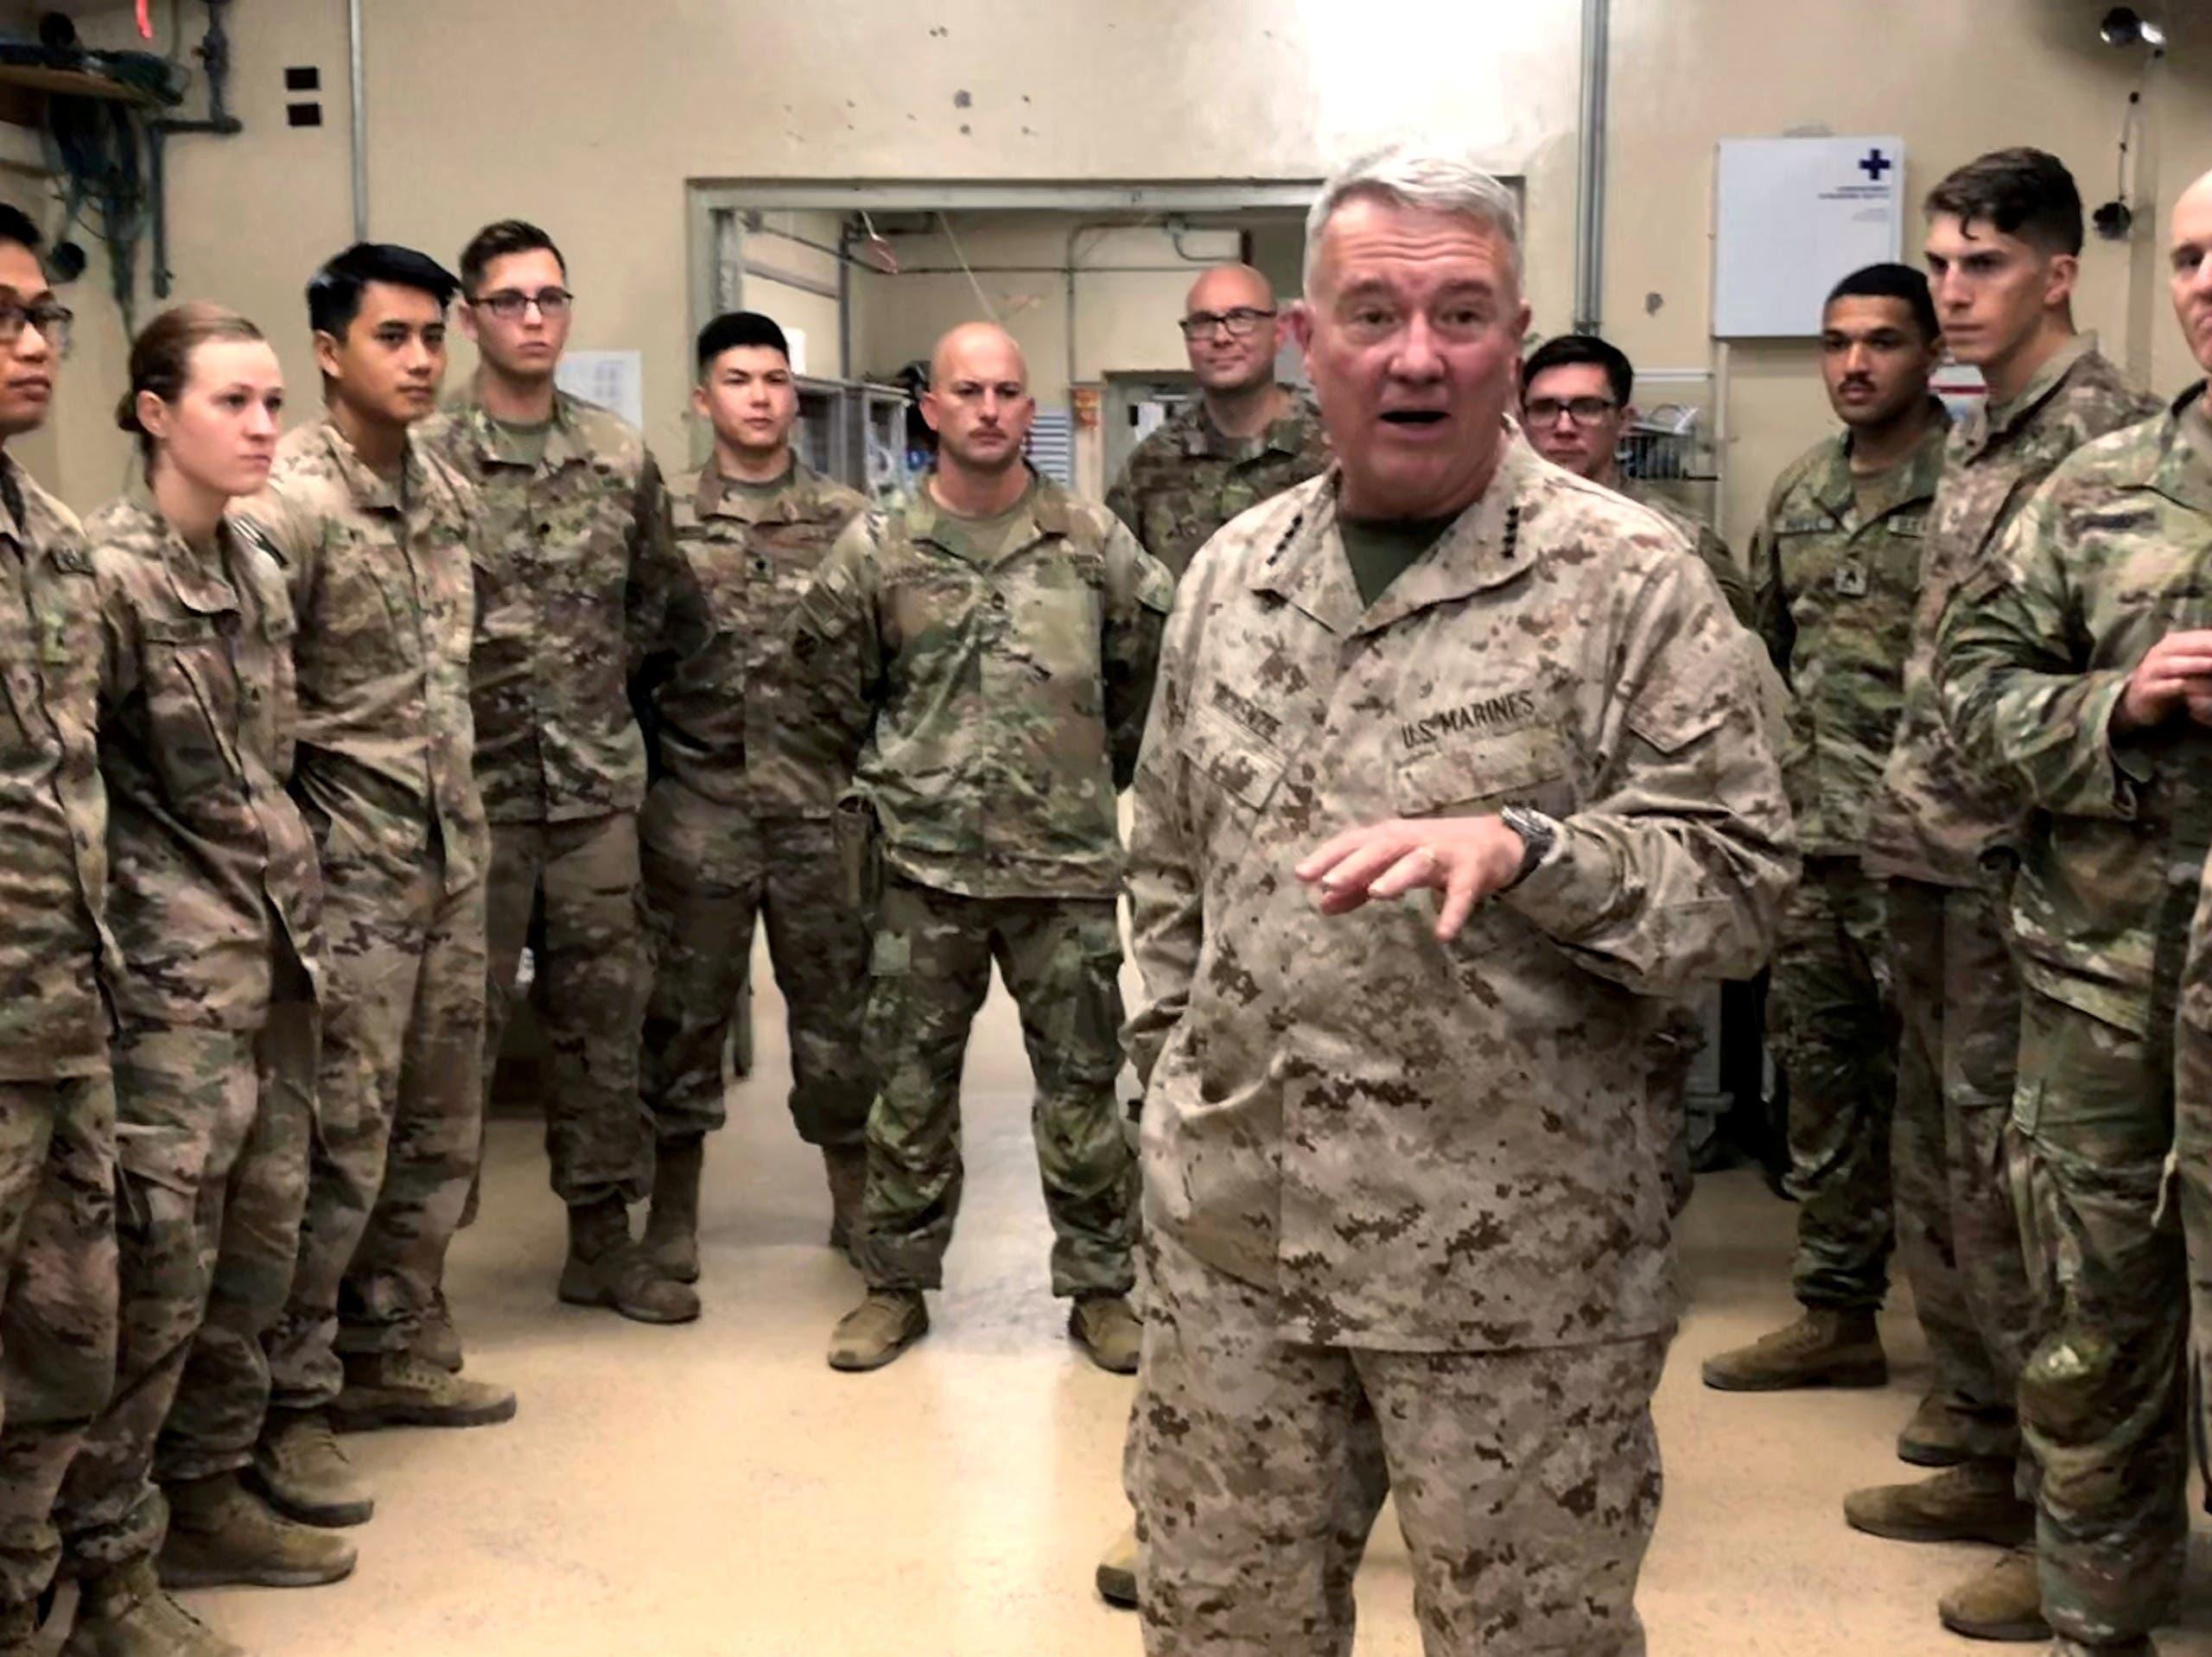 ماكينزي  خلال زيارة للقوات الأميركية في جلال أباد في سبتمبر 2019 (أرشيفية)